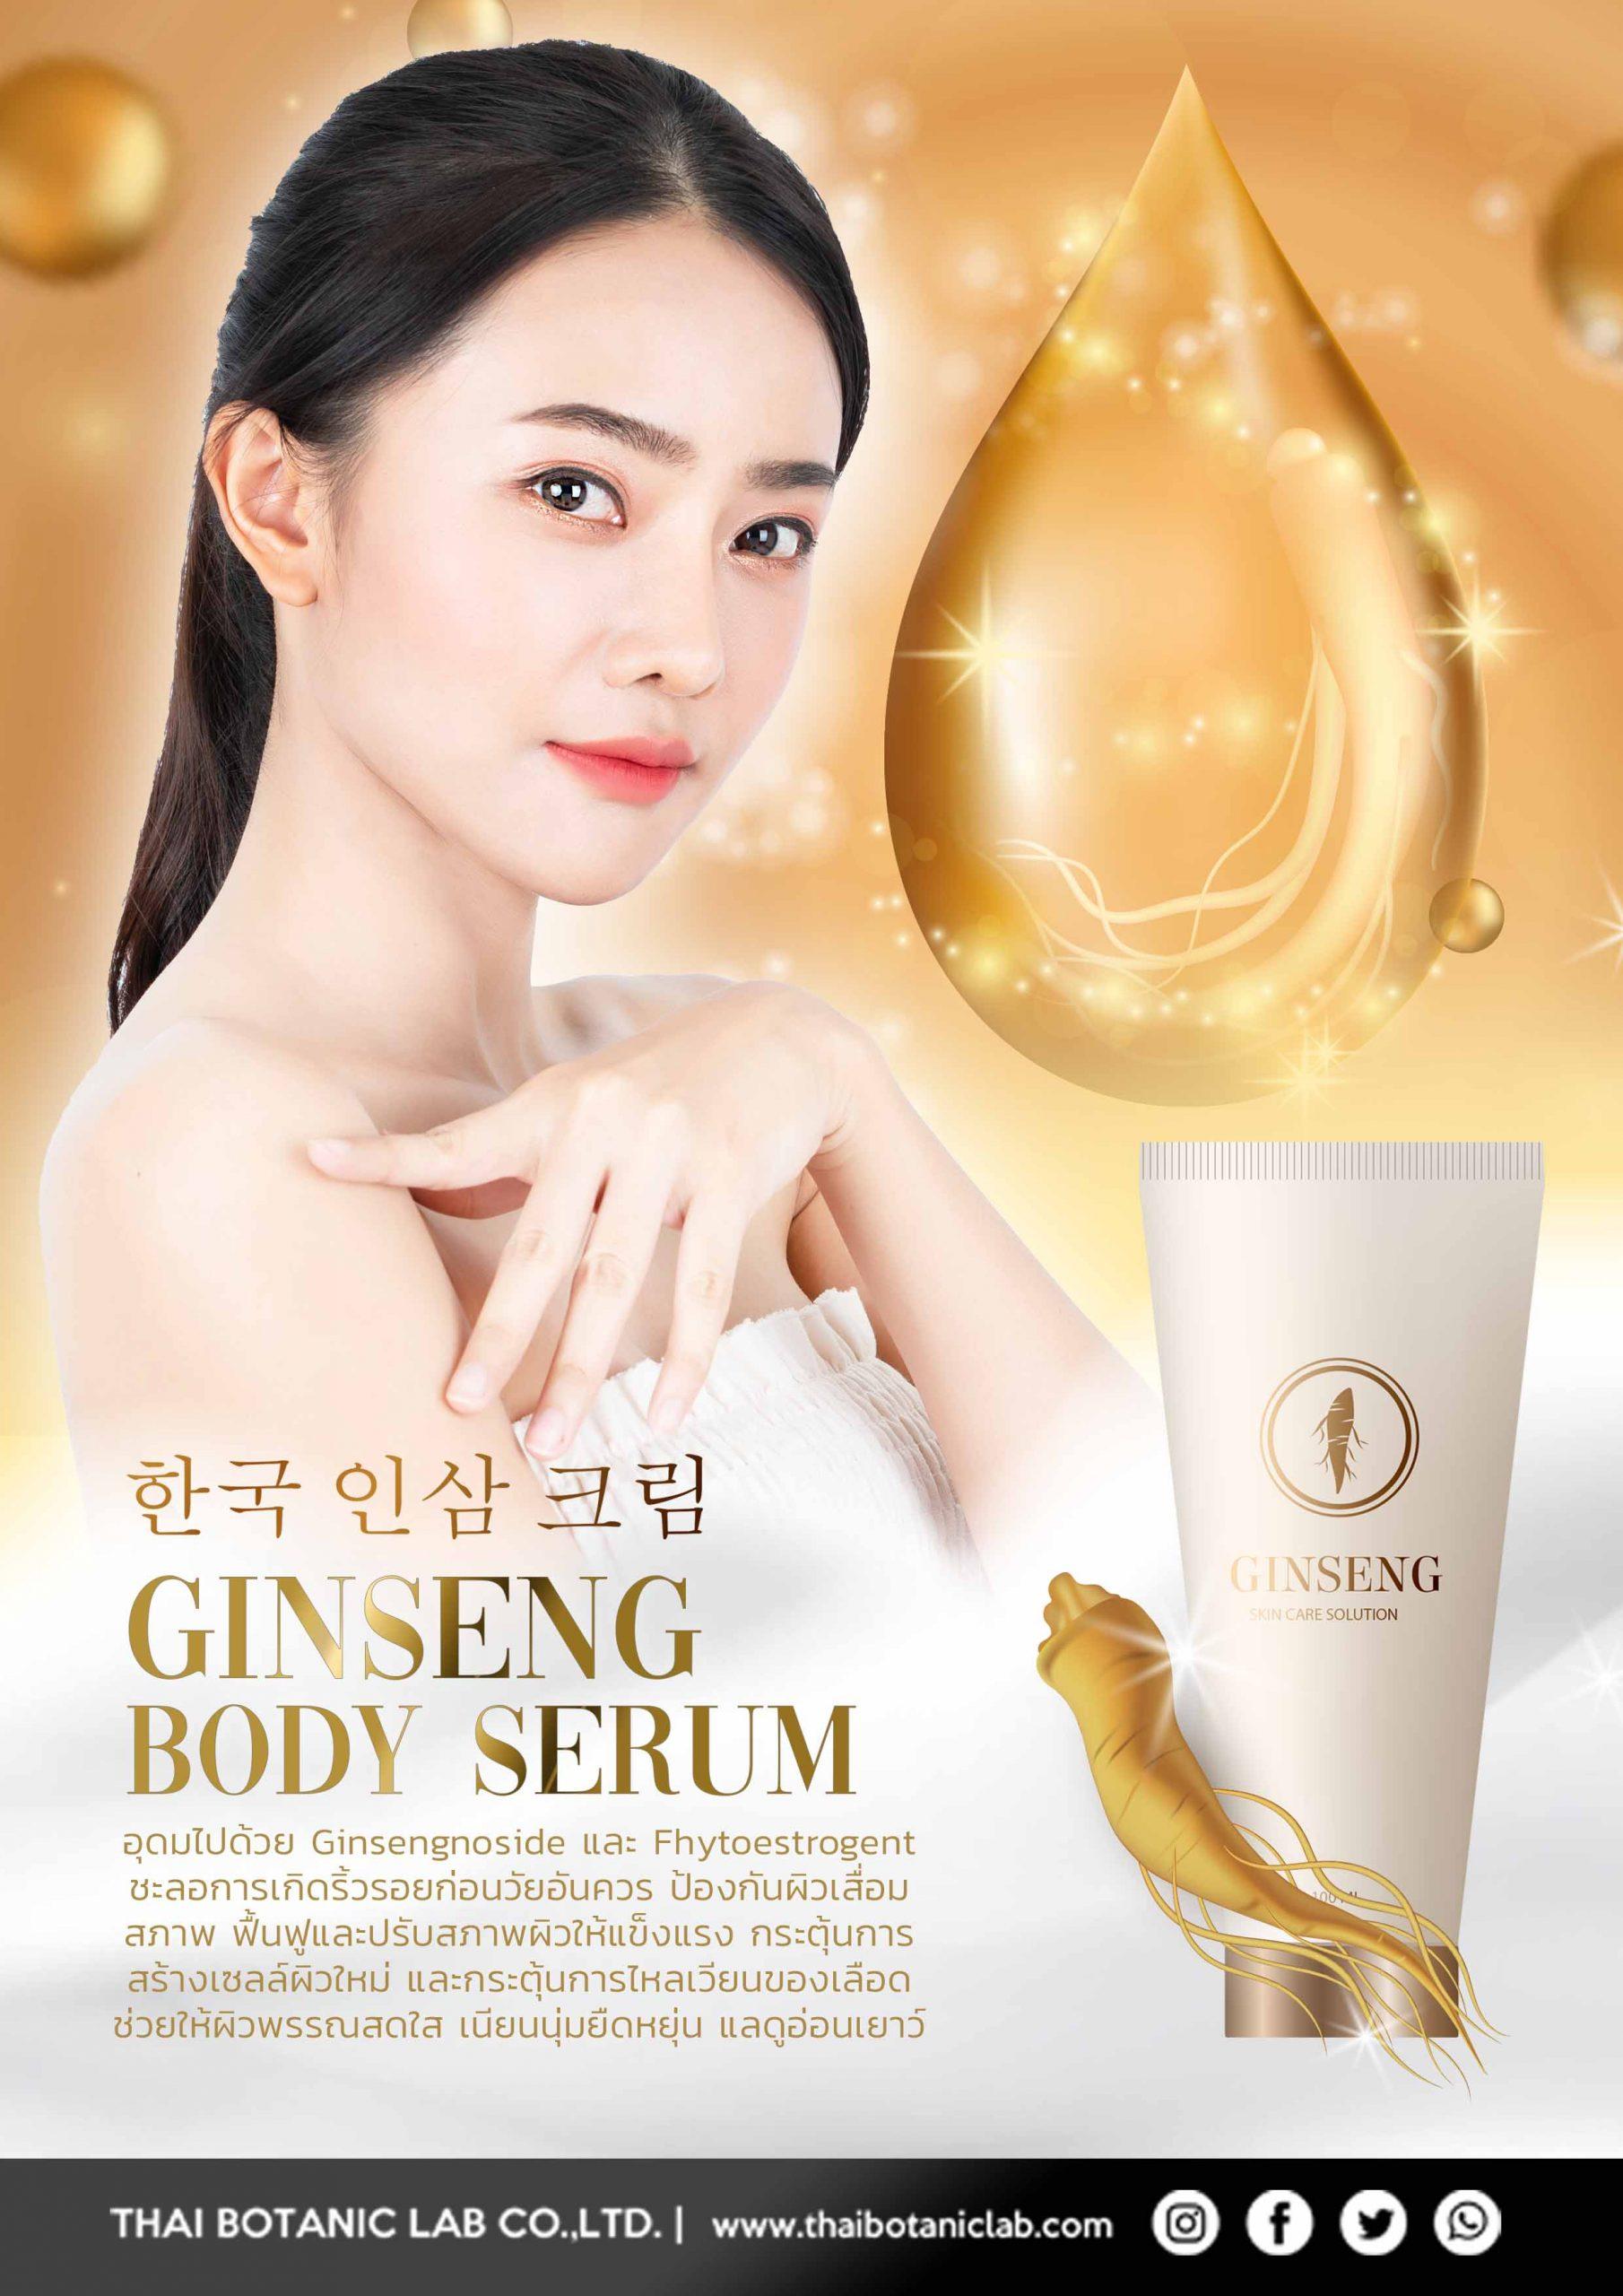 ginseng-body-serum